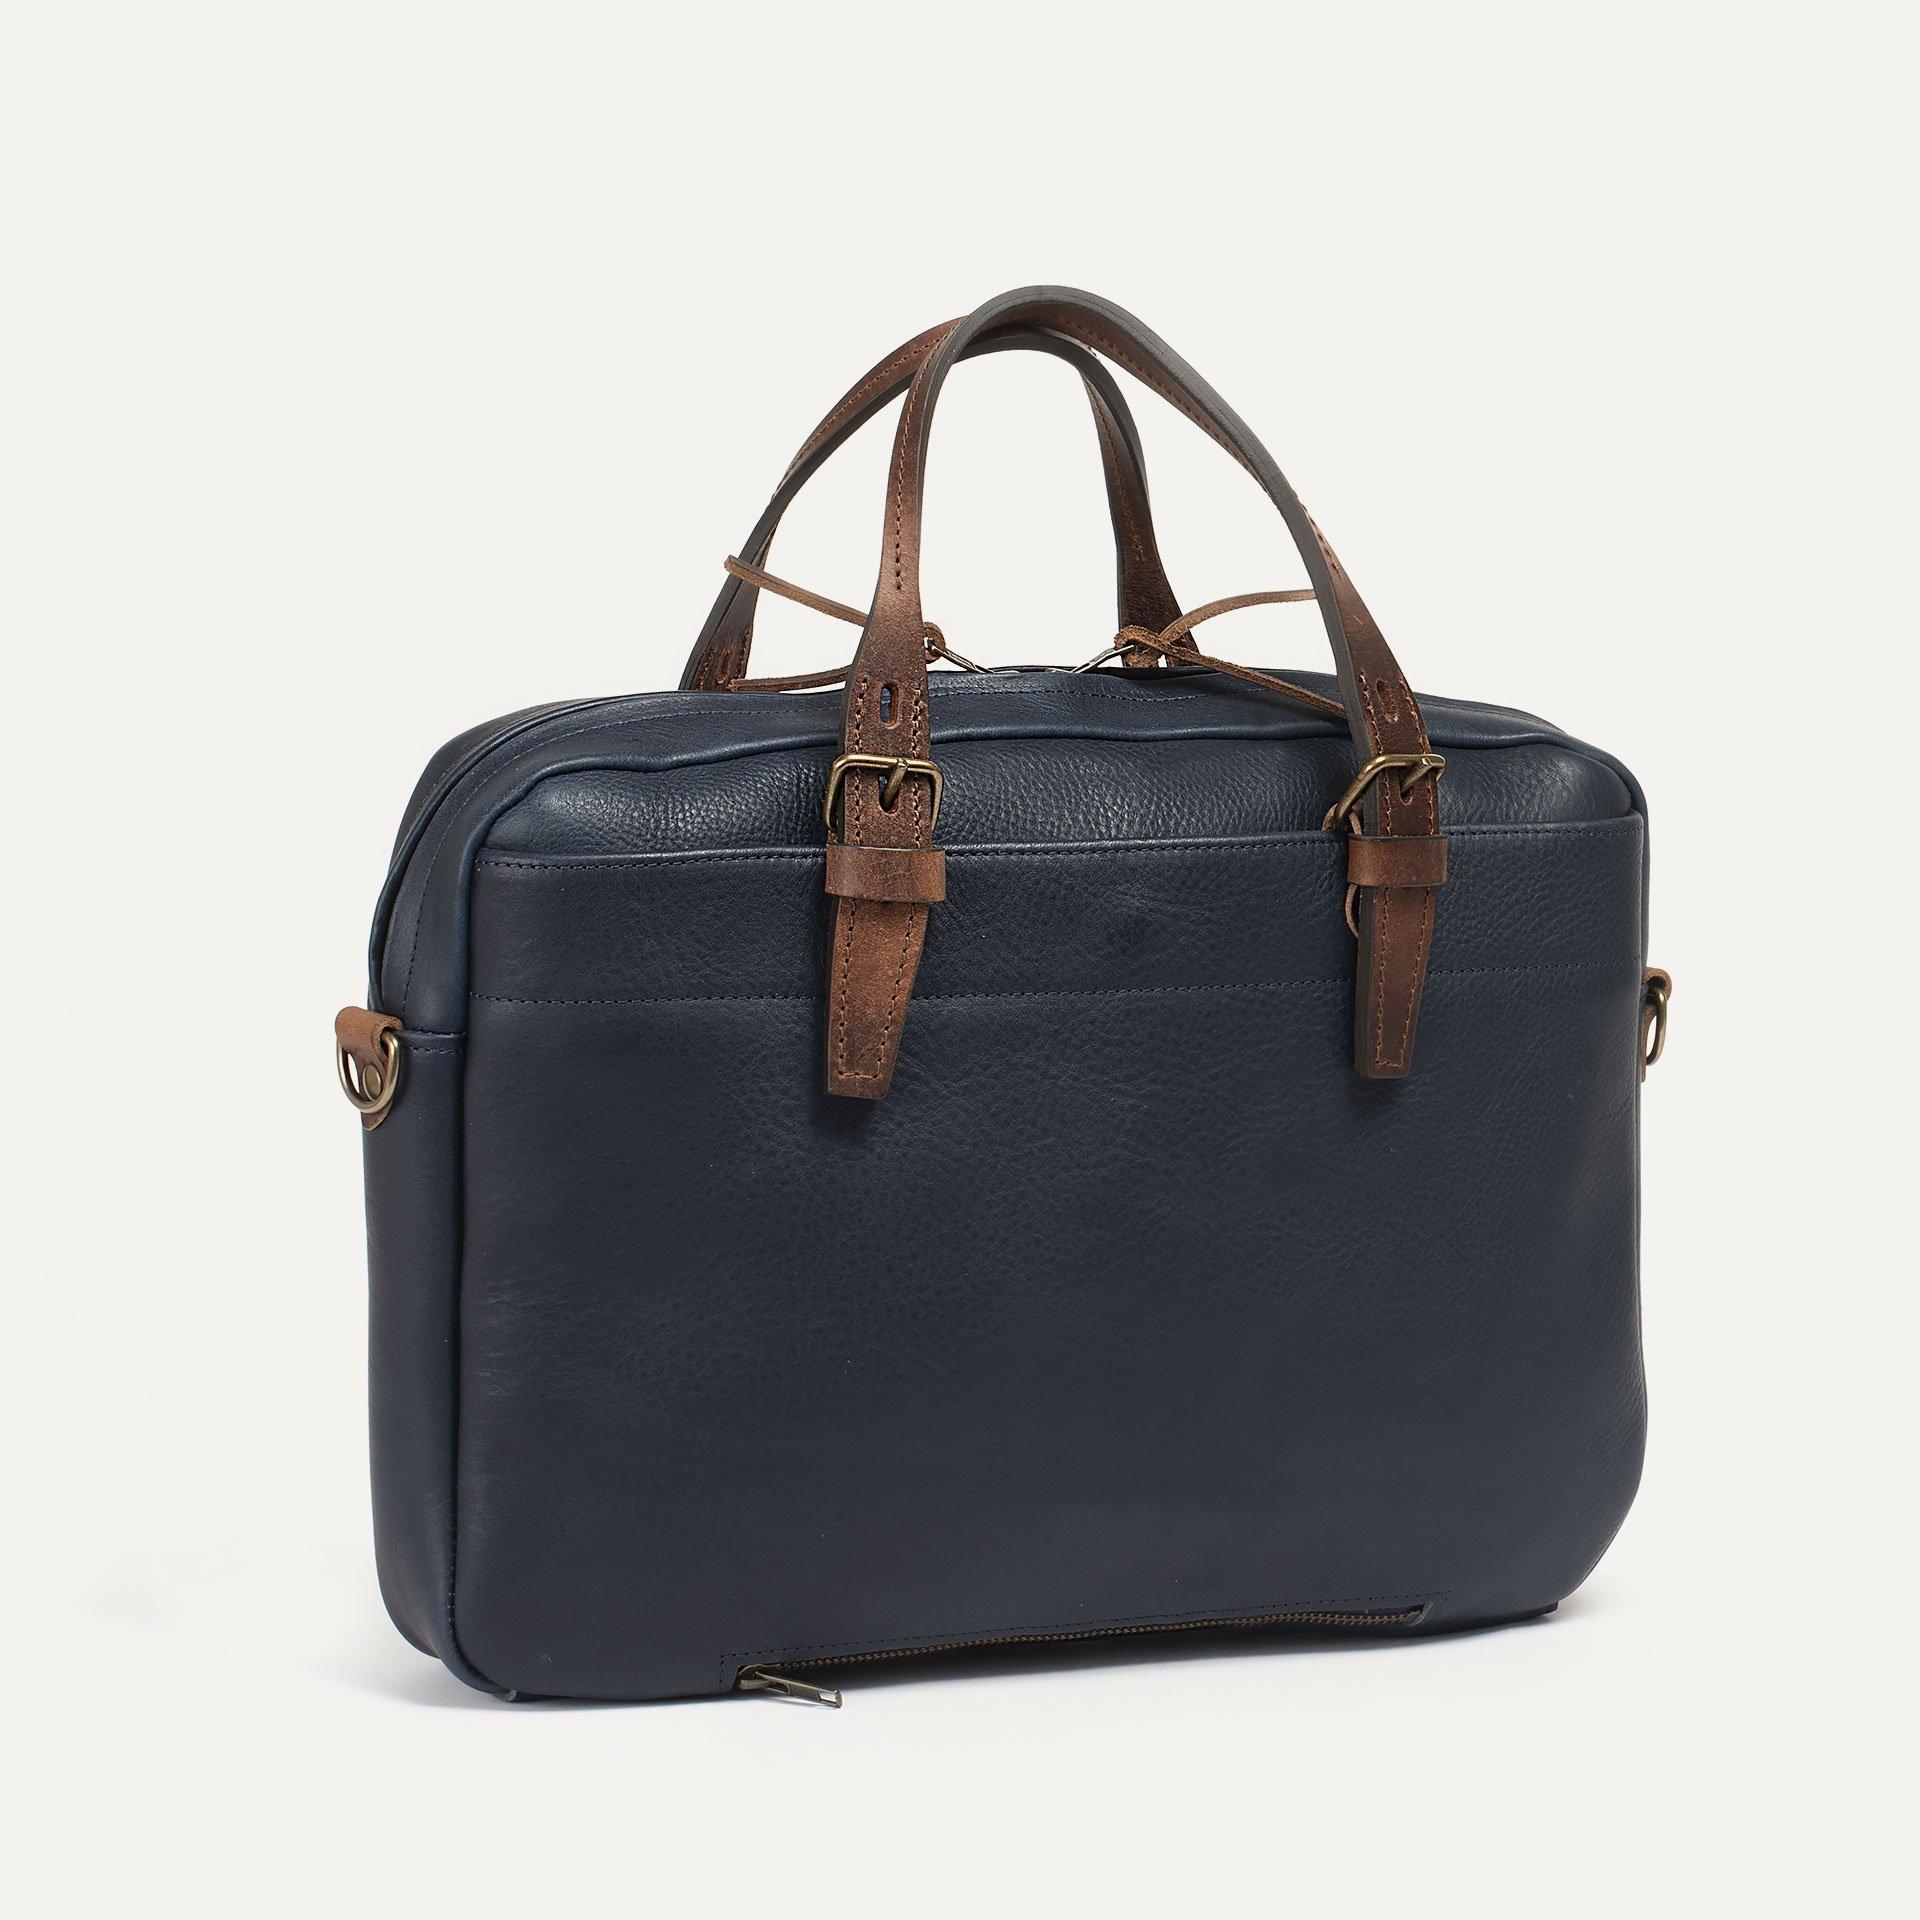 Folder Business bag - Navy Blue (image n°3)